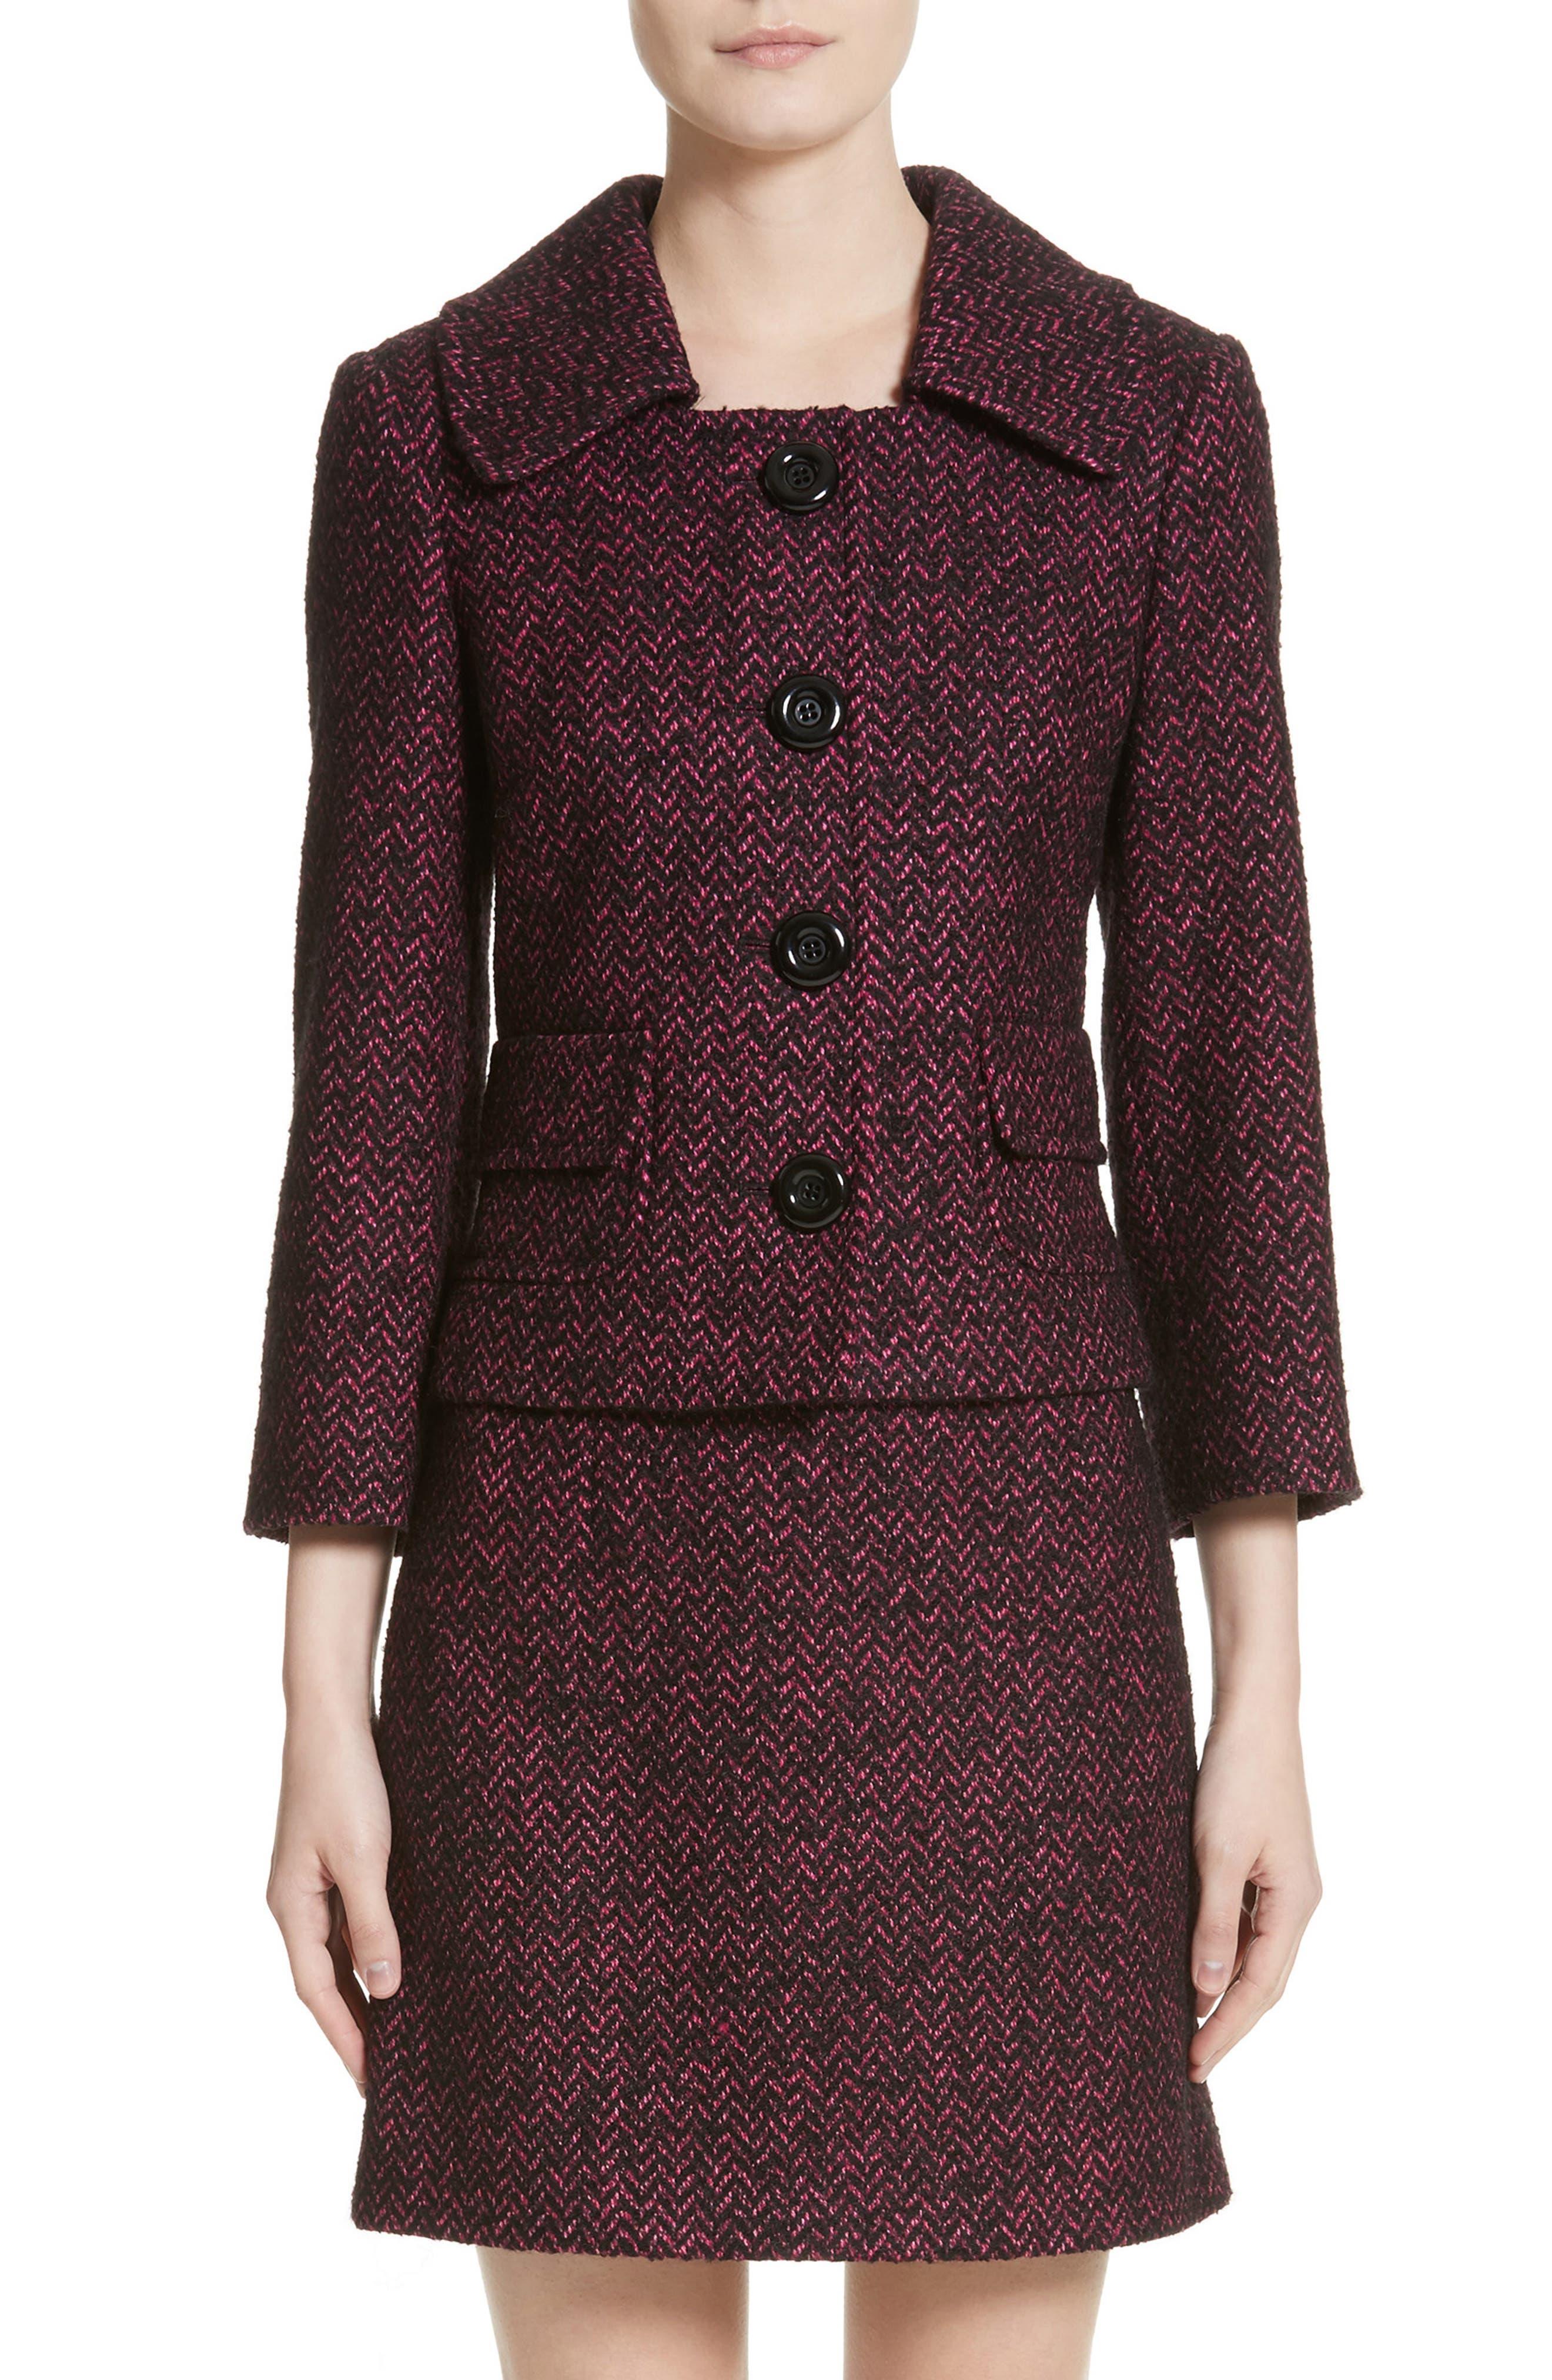 Main Image - Michael Kors Herringbone Wool Blend Jacket